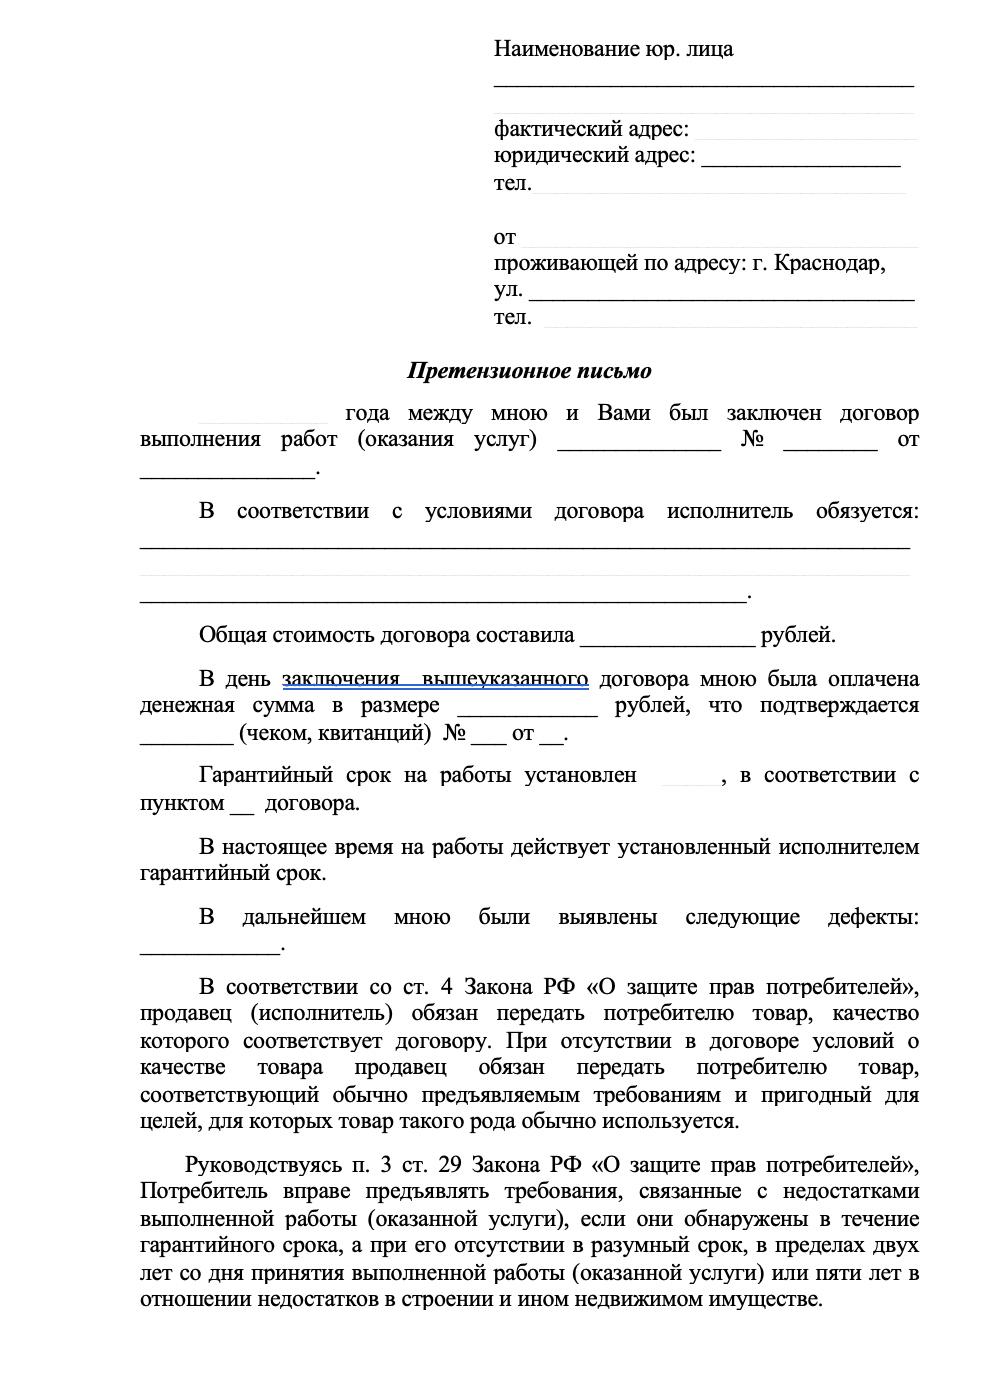 Шаблон бланка претензии по ст.28.docx